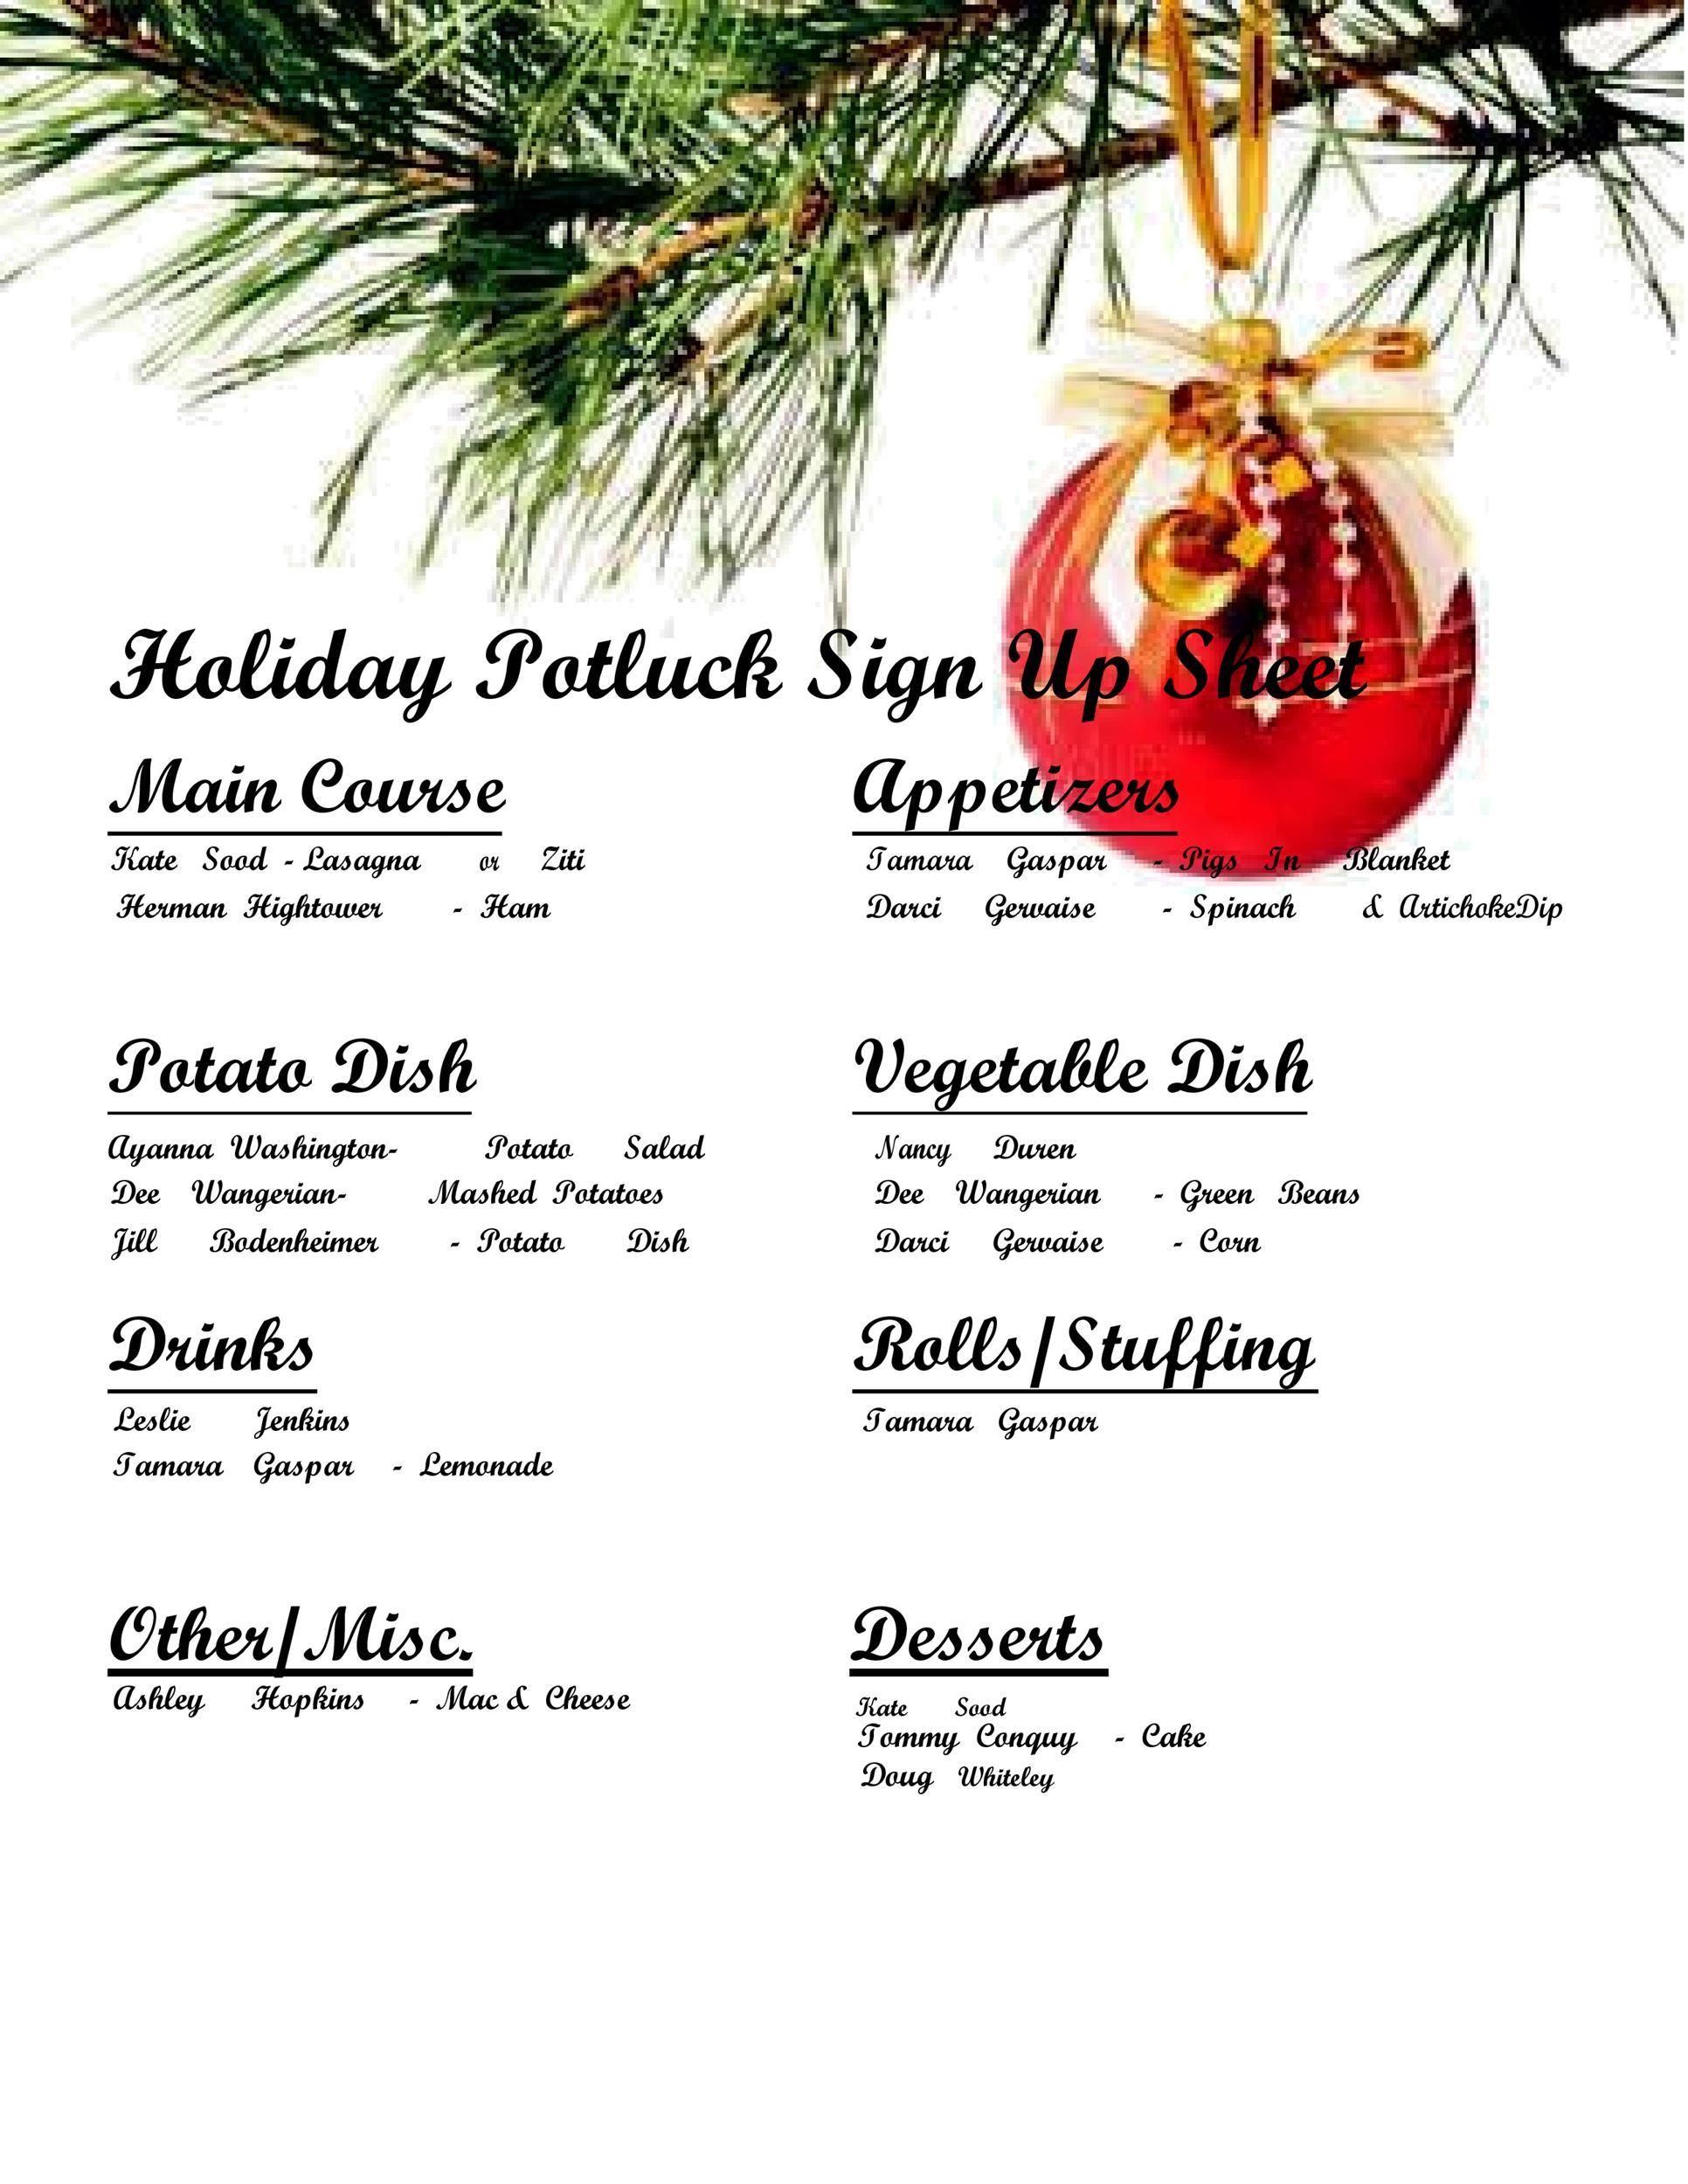 Free potluck sign up sheet 27